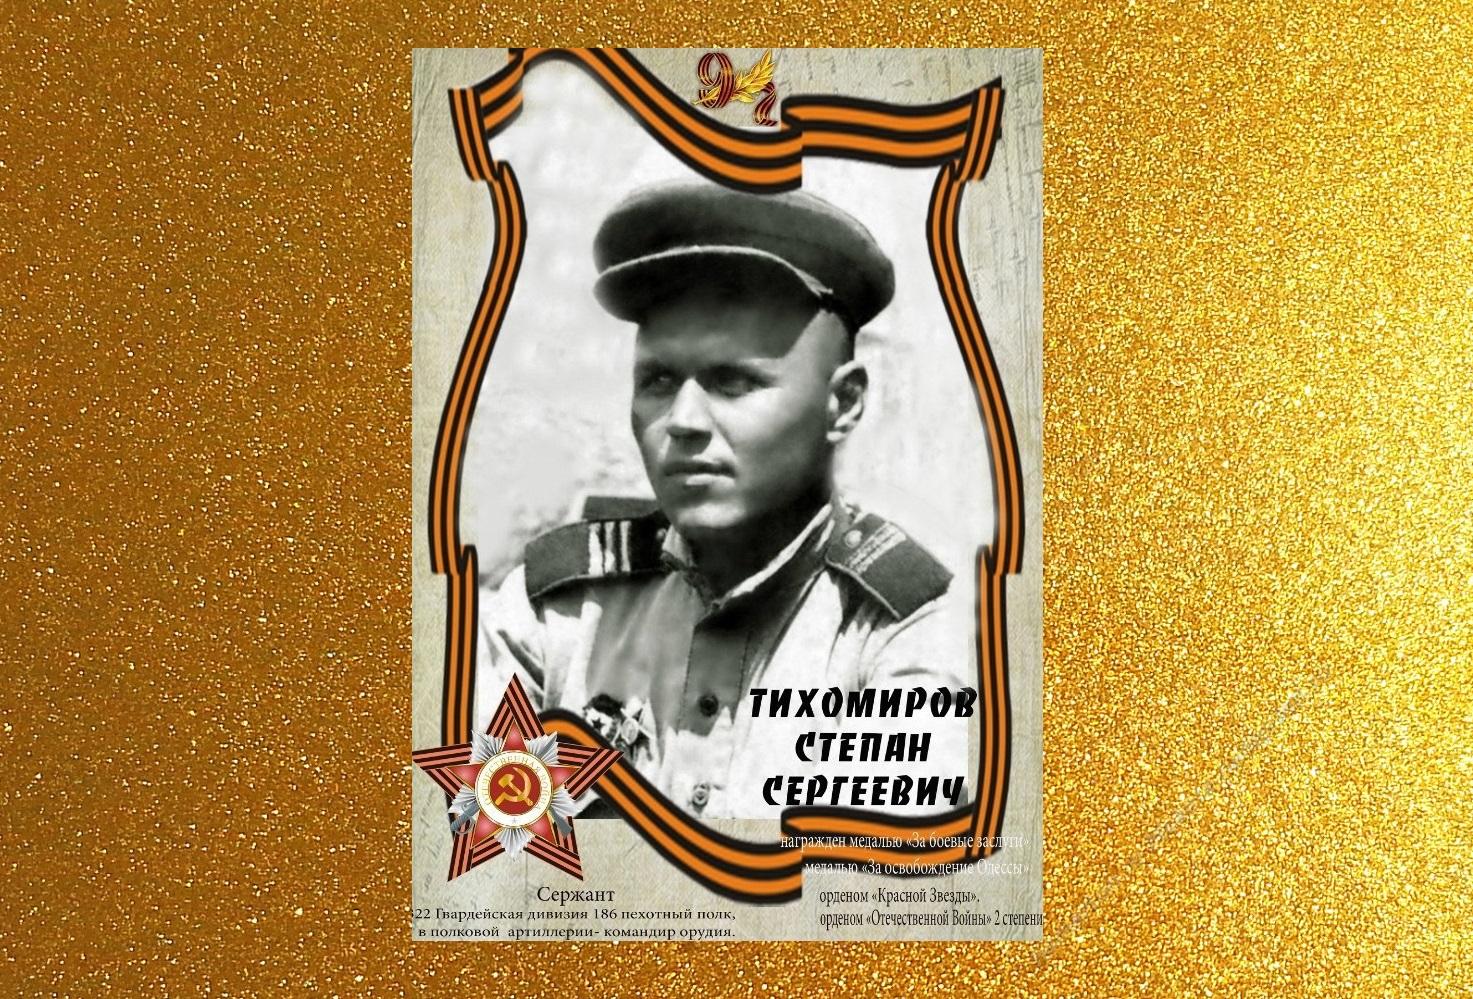 Тихомиров Степан Сергеевич